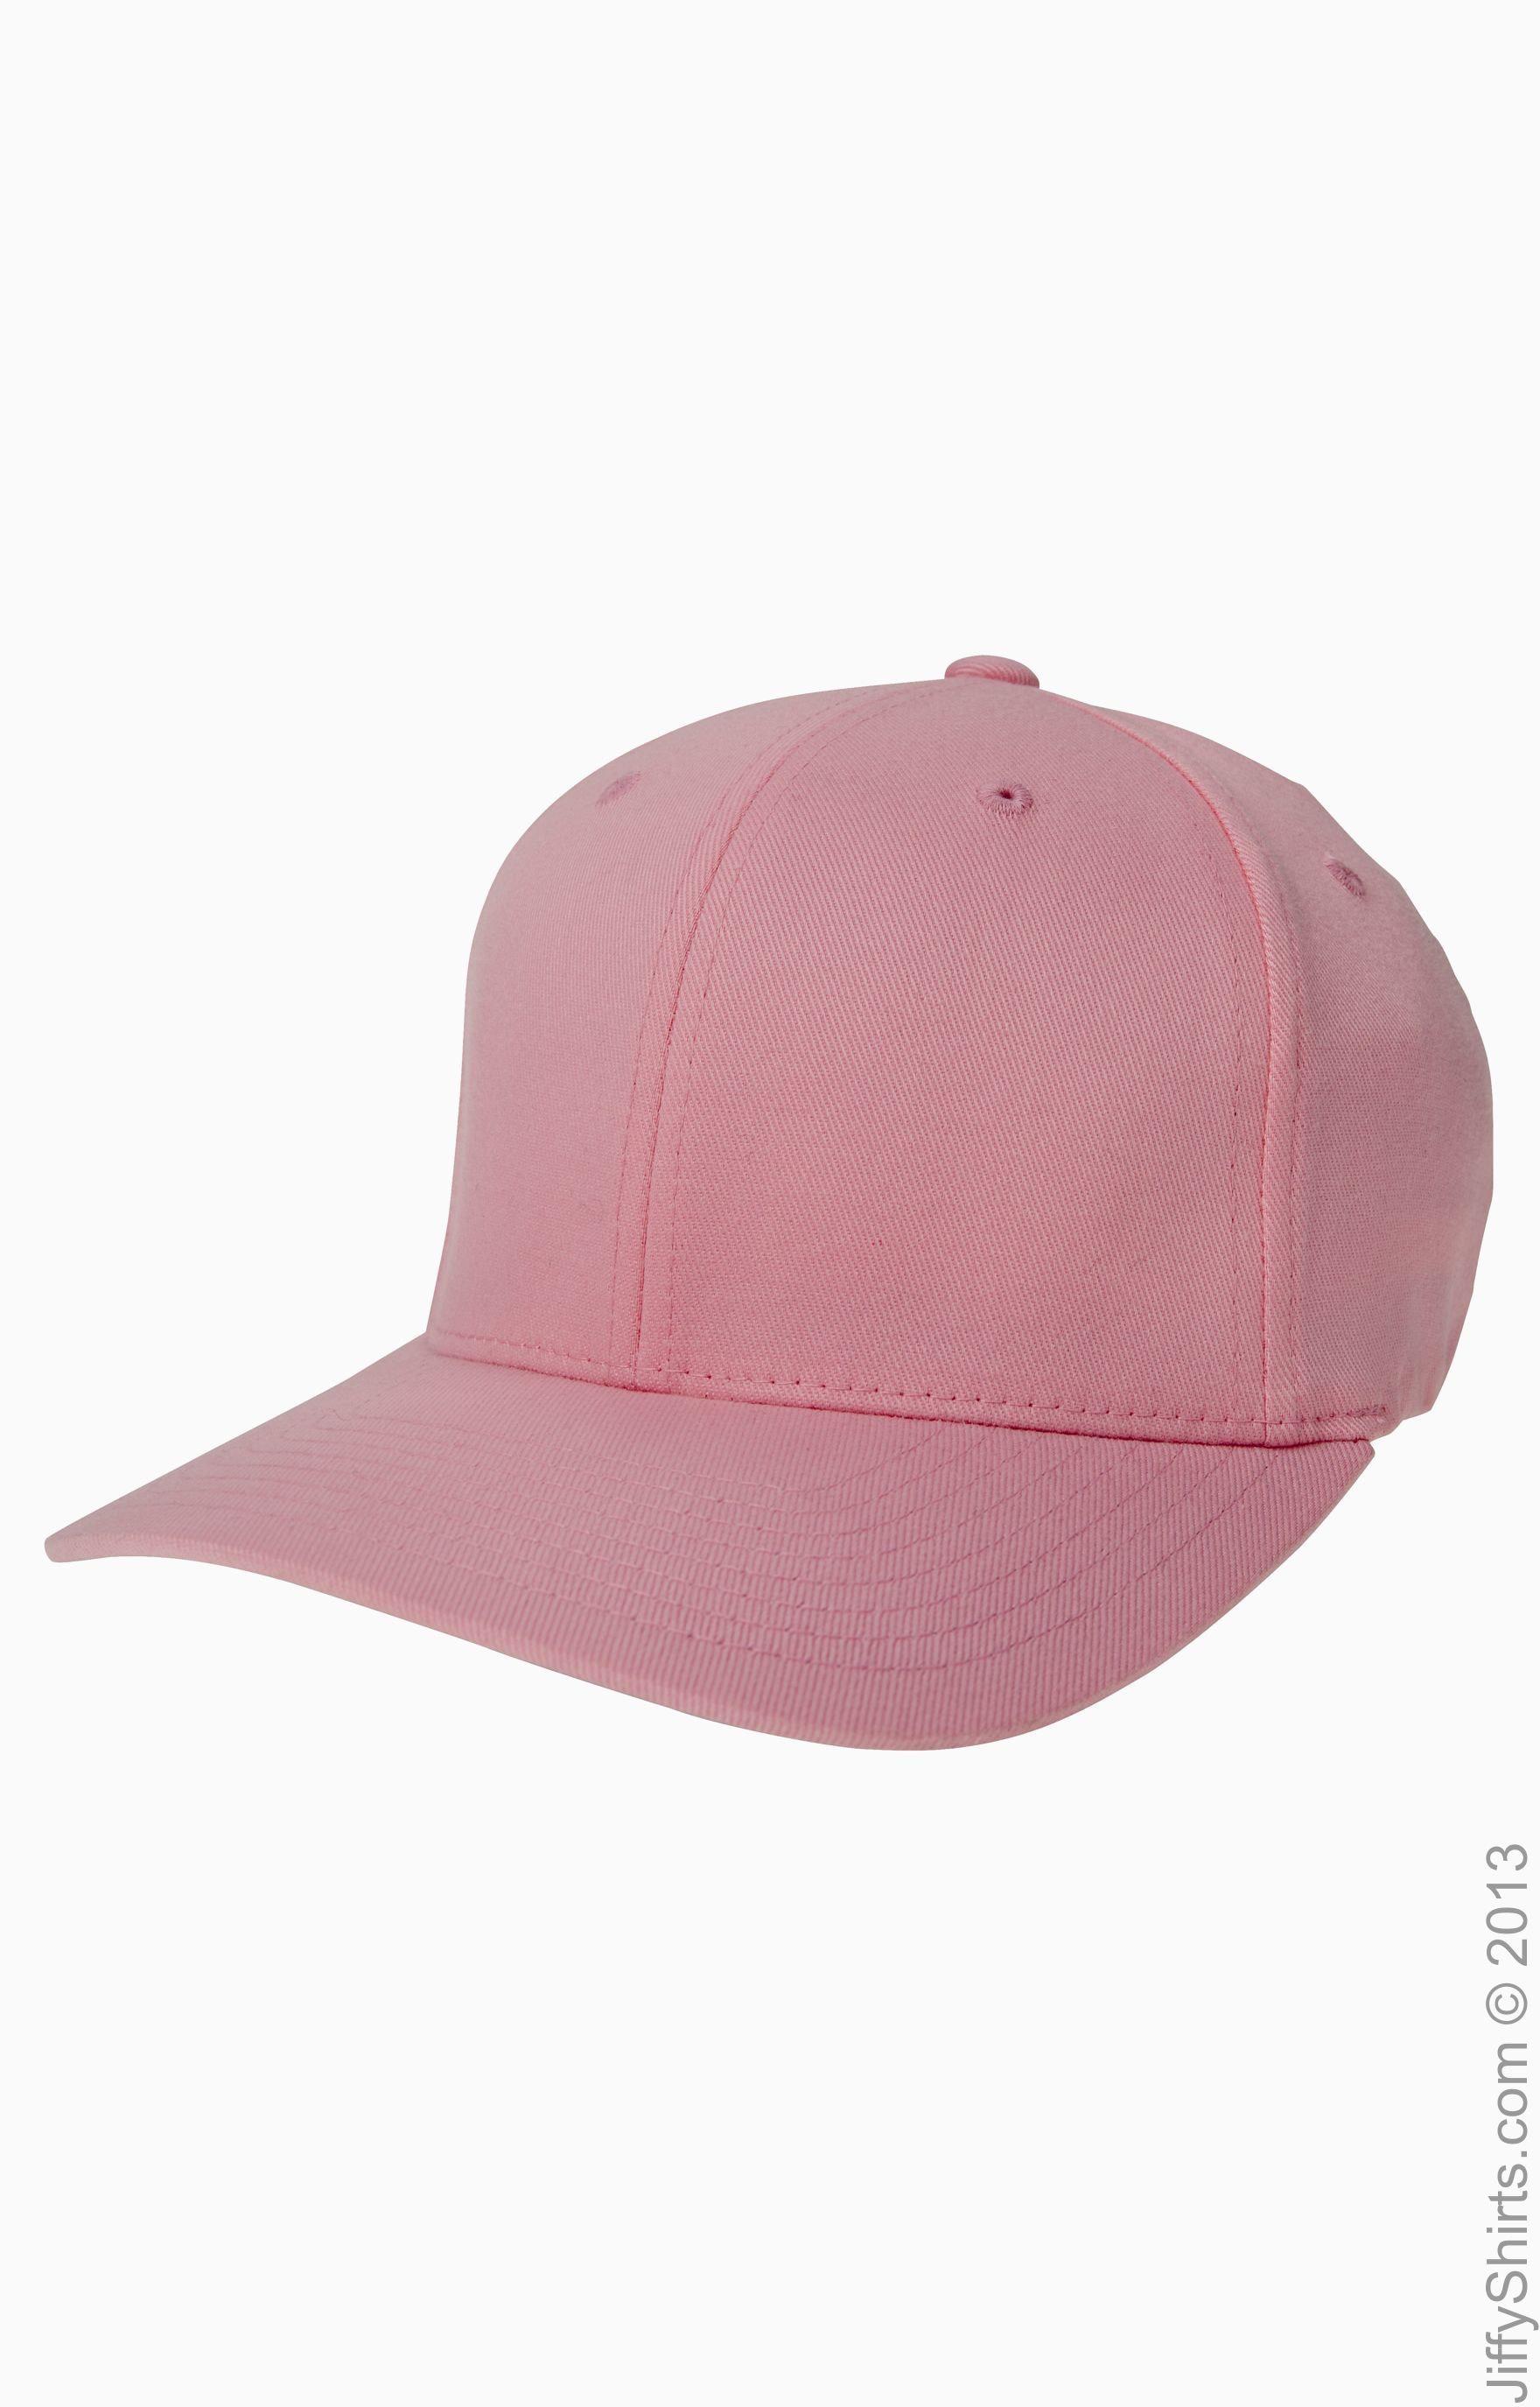 Flexfit 6277 Light Pink